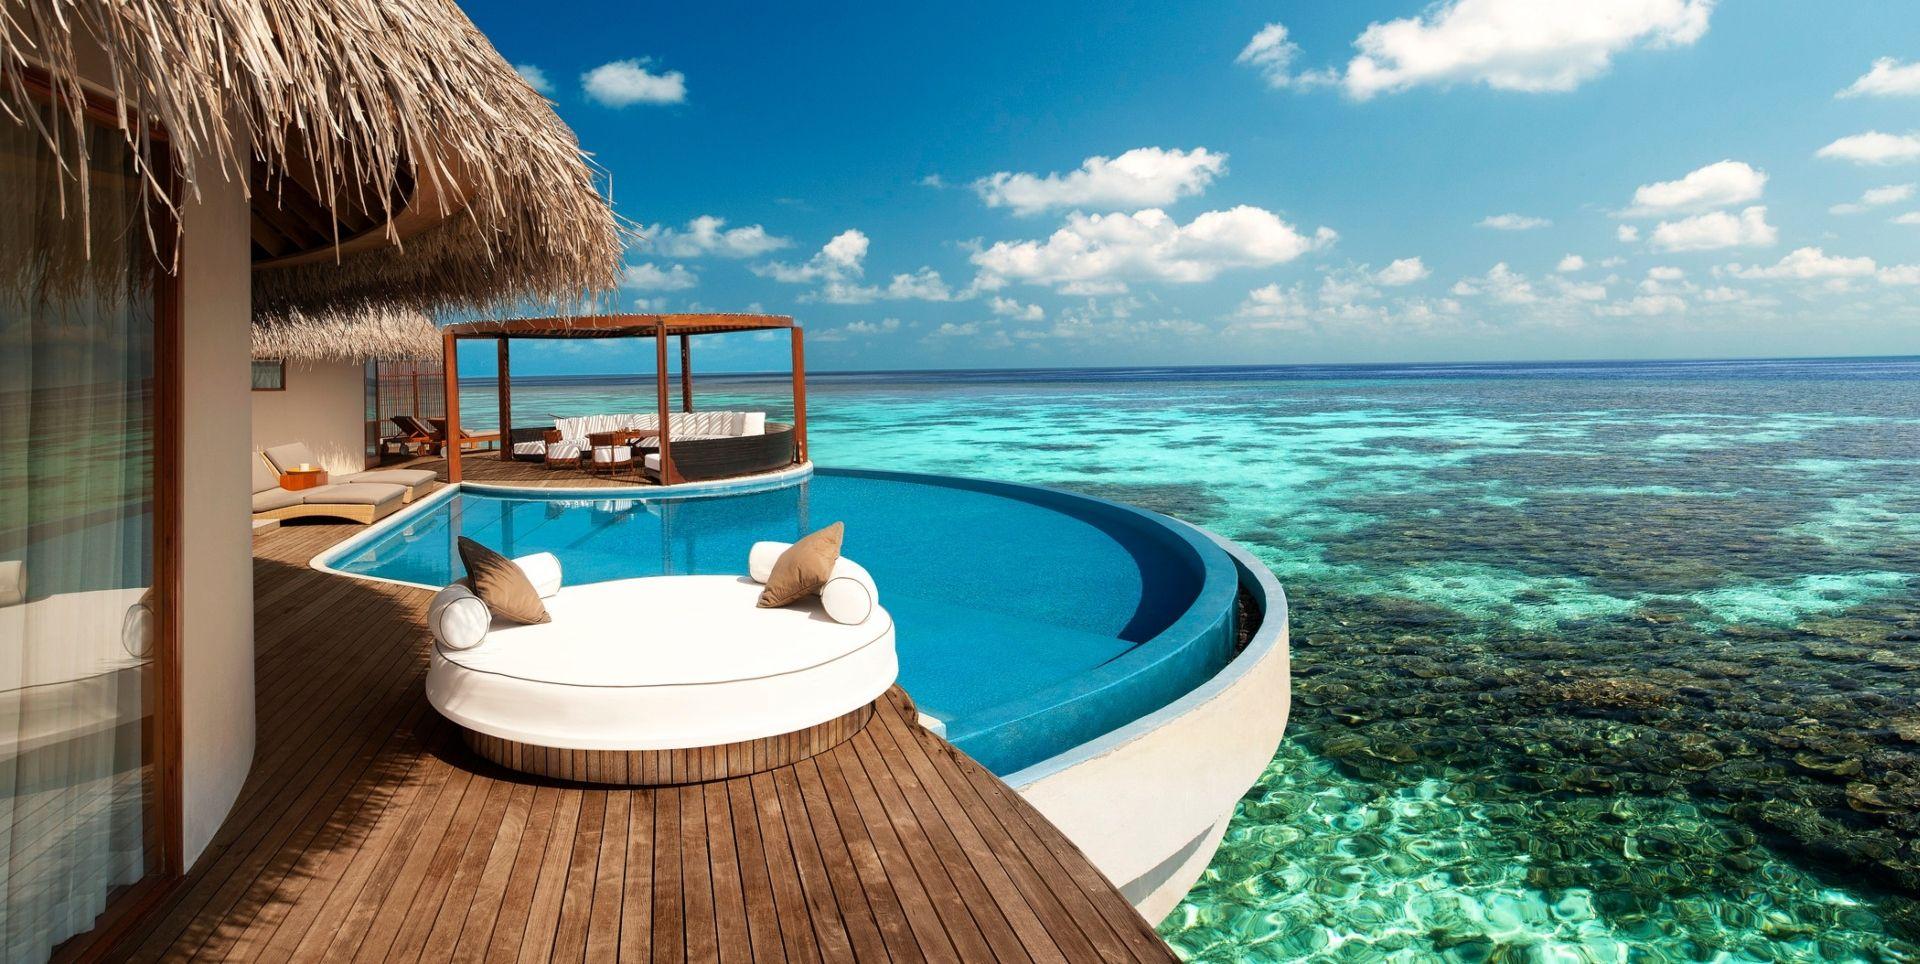 Ocean Haven View